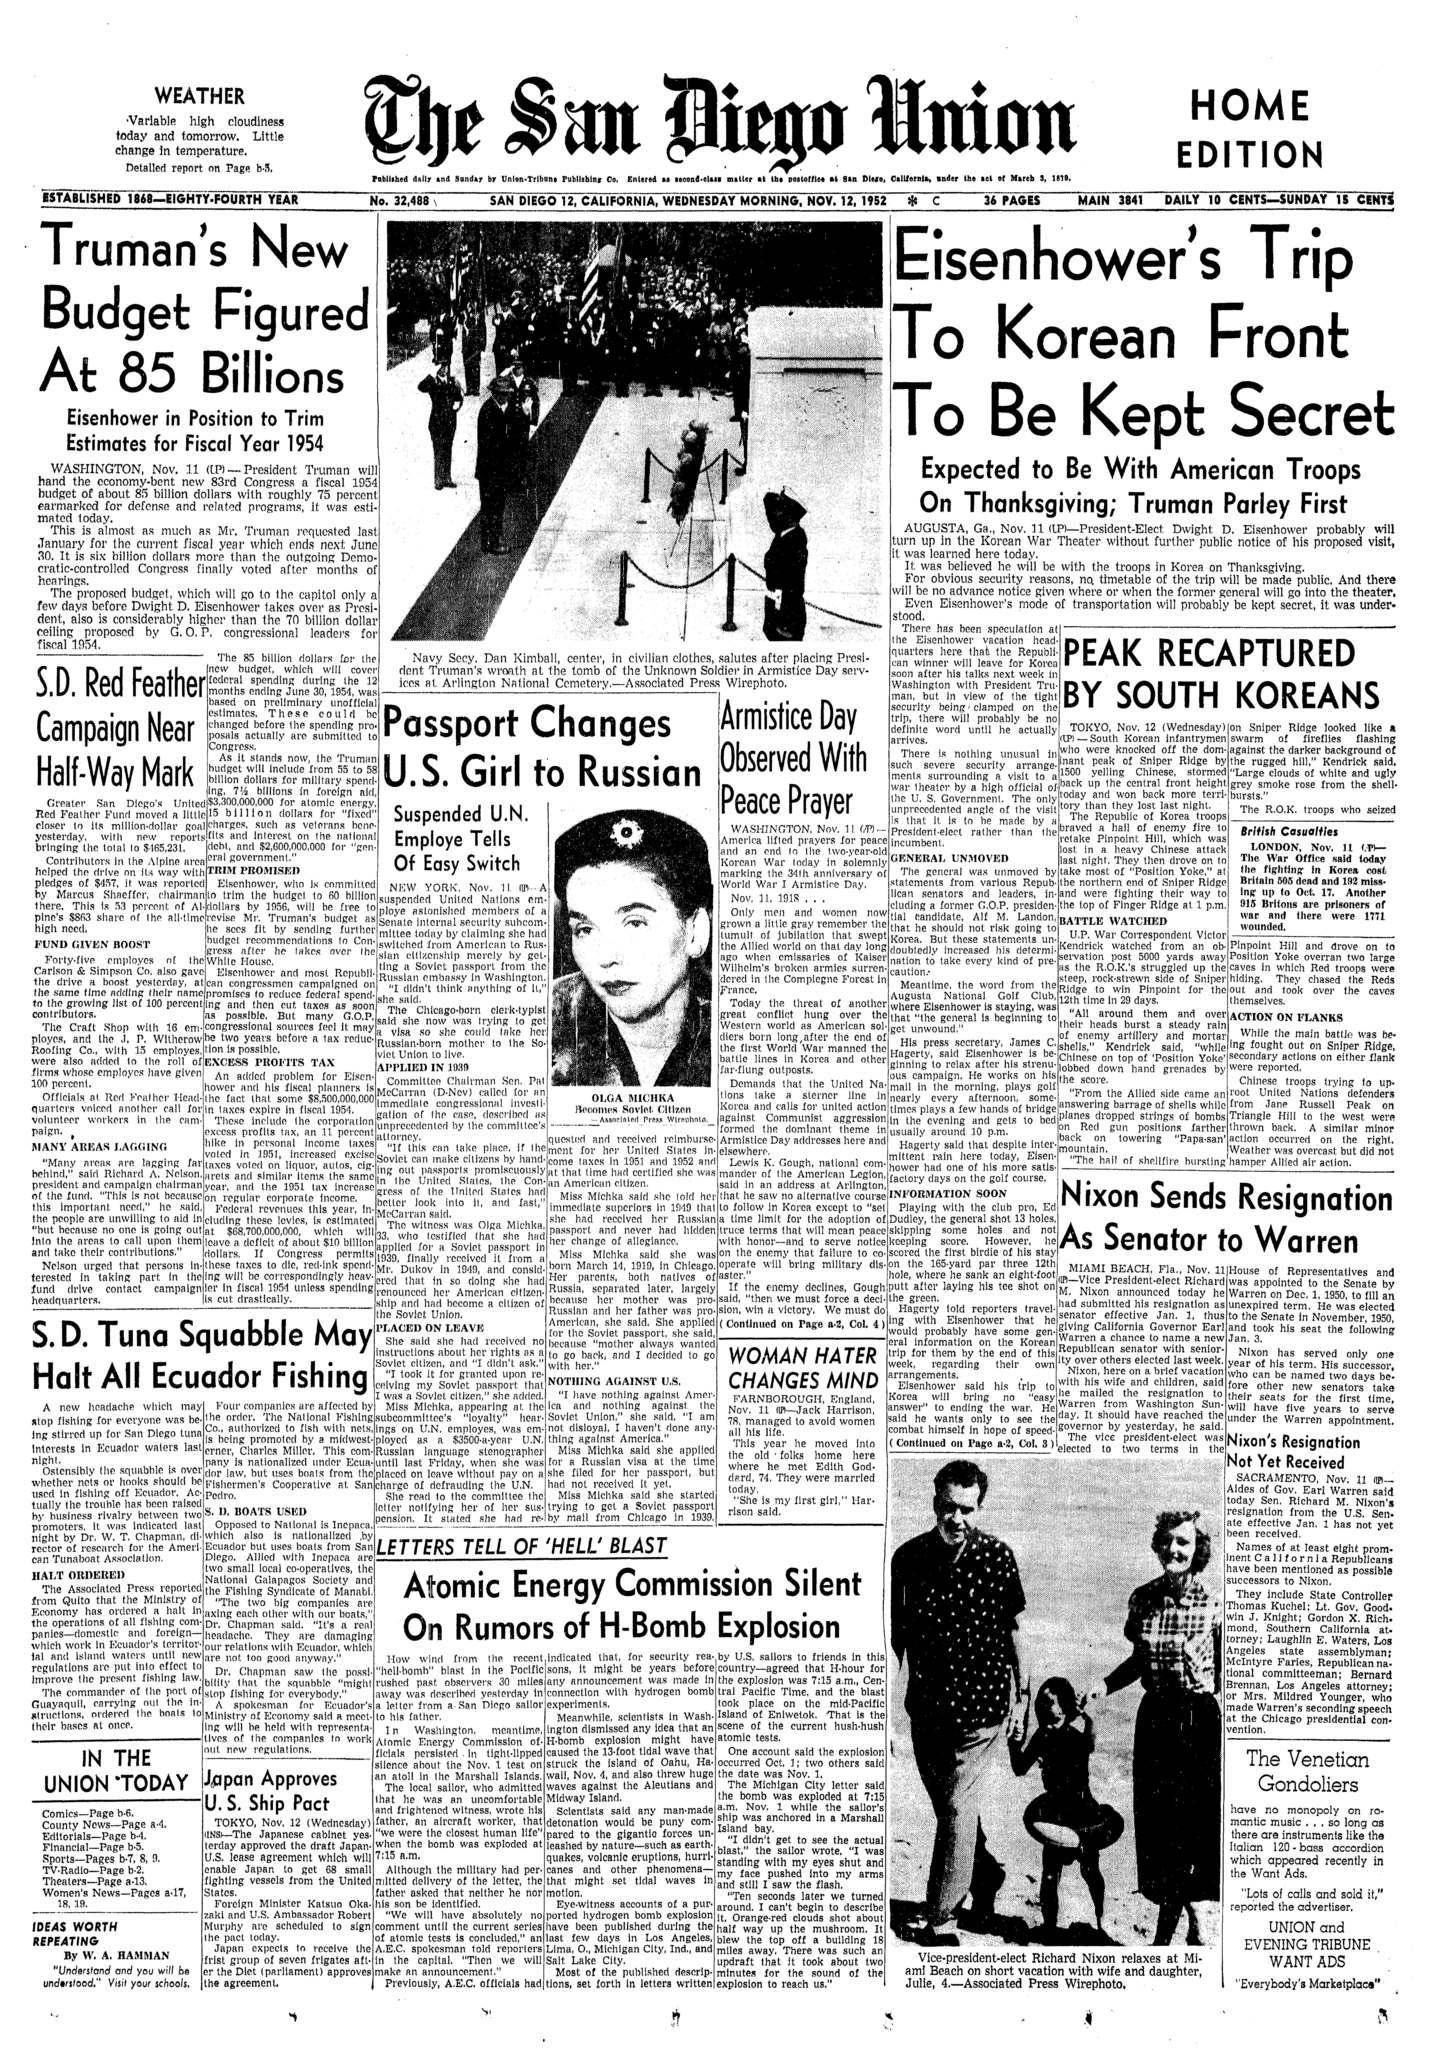 November 12, 1952